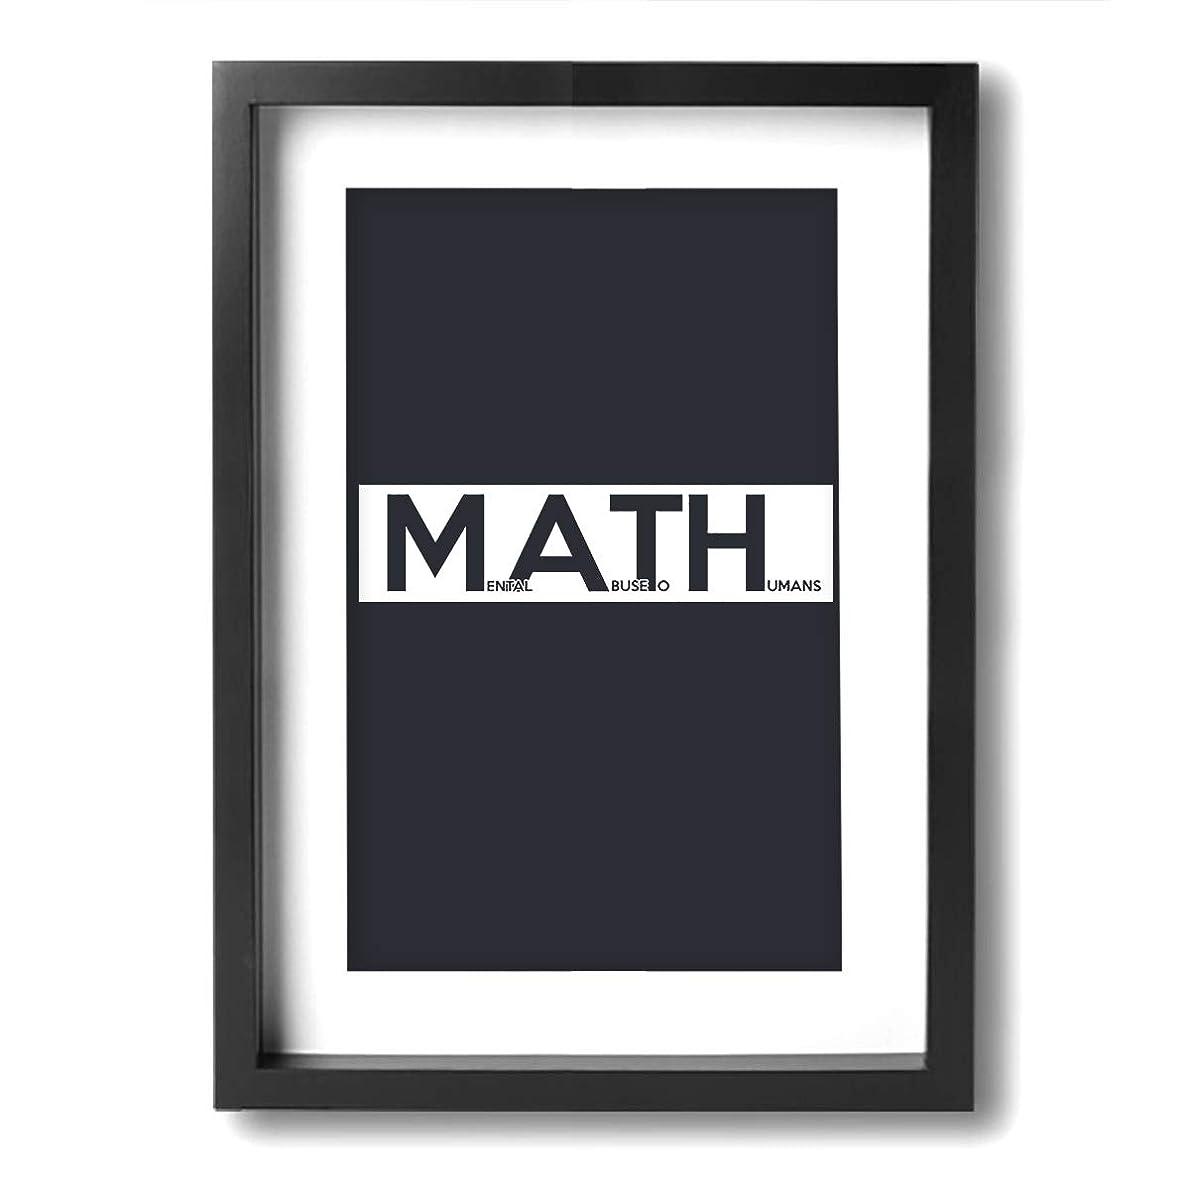 芸術的狂気驚いたことに数学 電卓 壁の芸術 ソファの背景絵画 壁キャンバス絵画 リビングルーム 木枠付きの完成品 贈り物に ウォールアート 軽くて取り付けやすい(木枠付24x33cm)